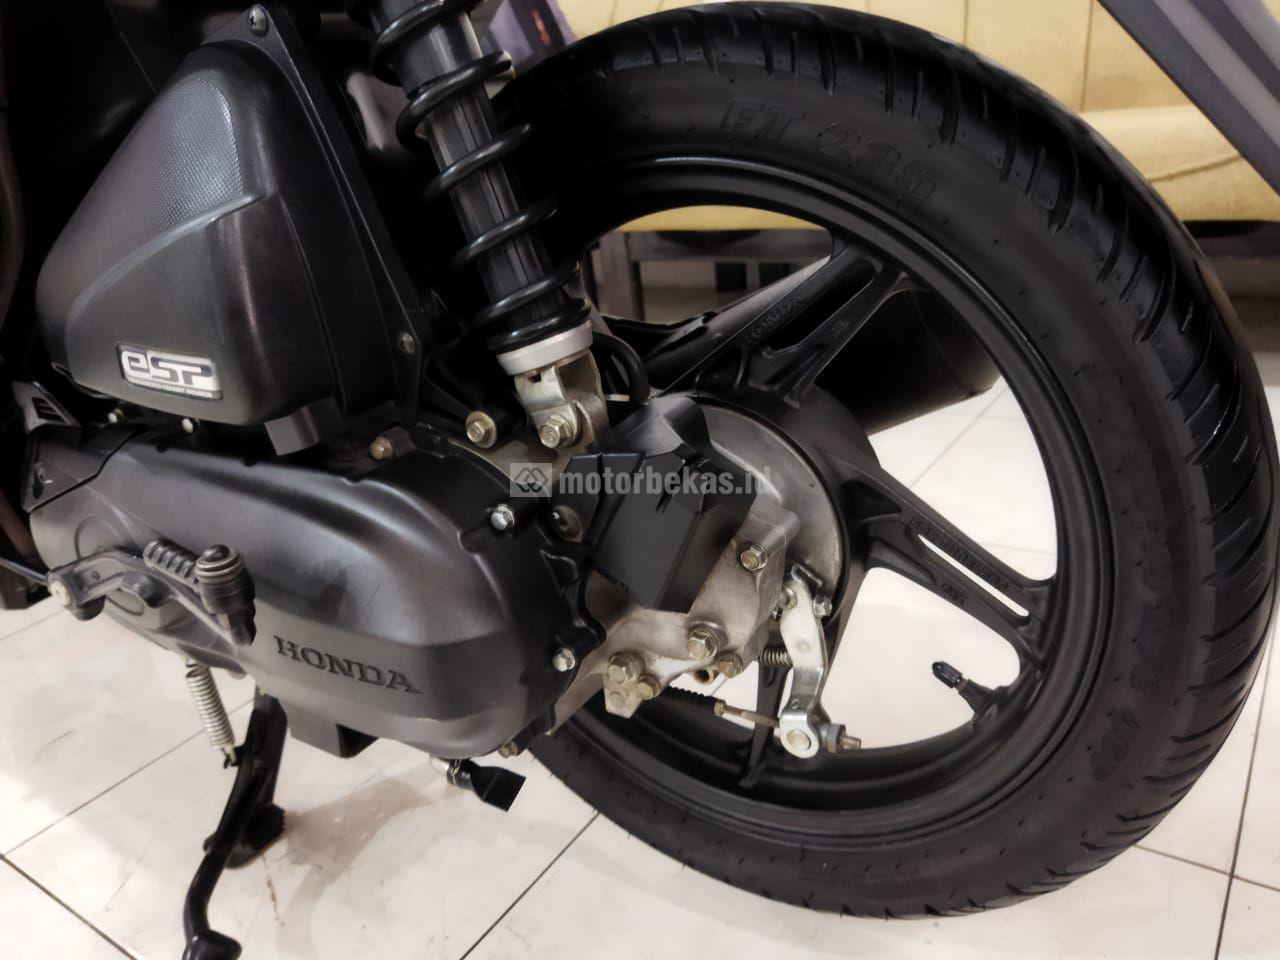 HONDA BEAT FI 2176 motorbekas.id